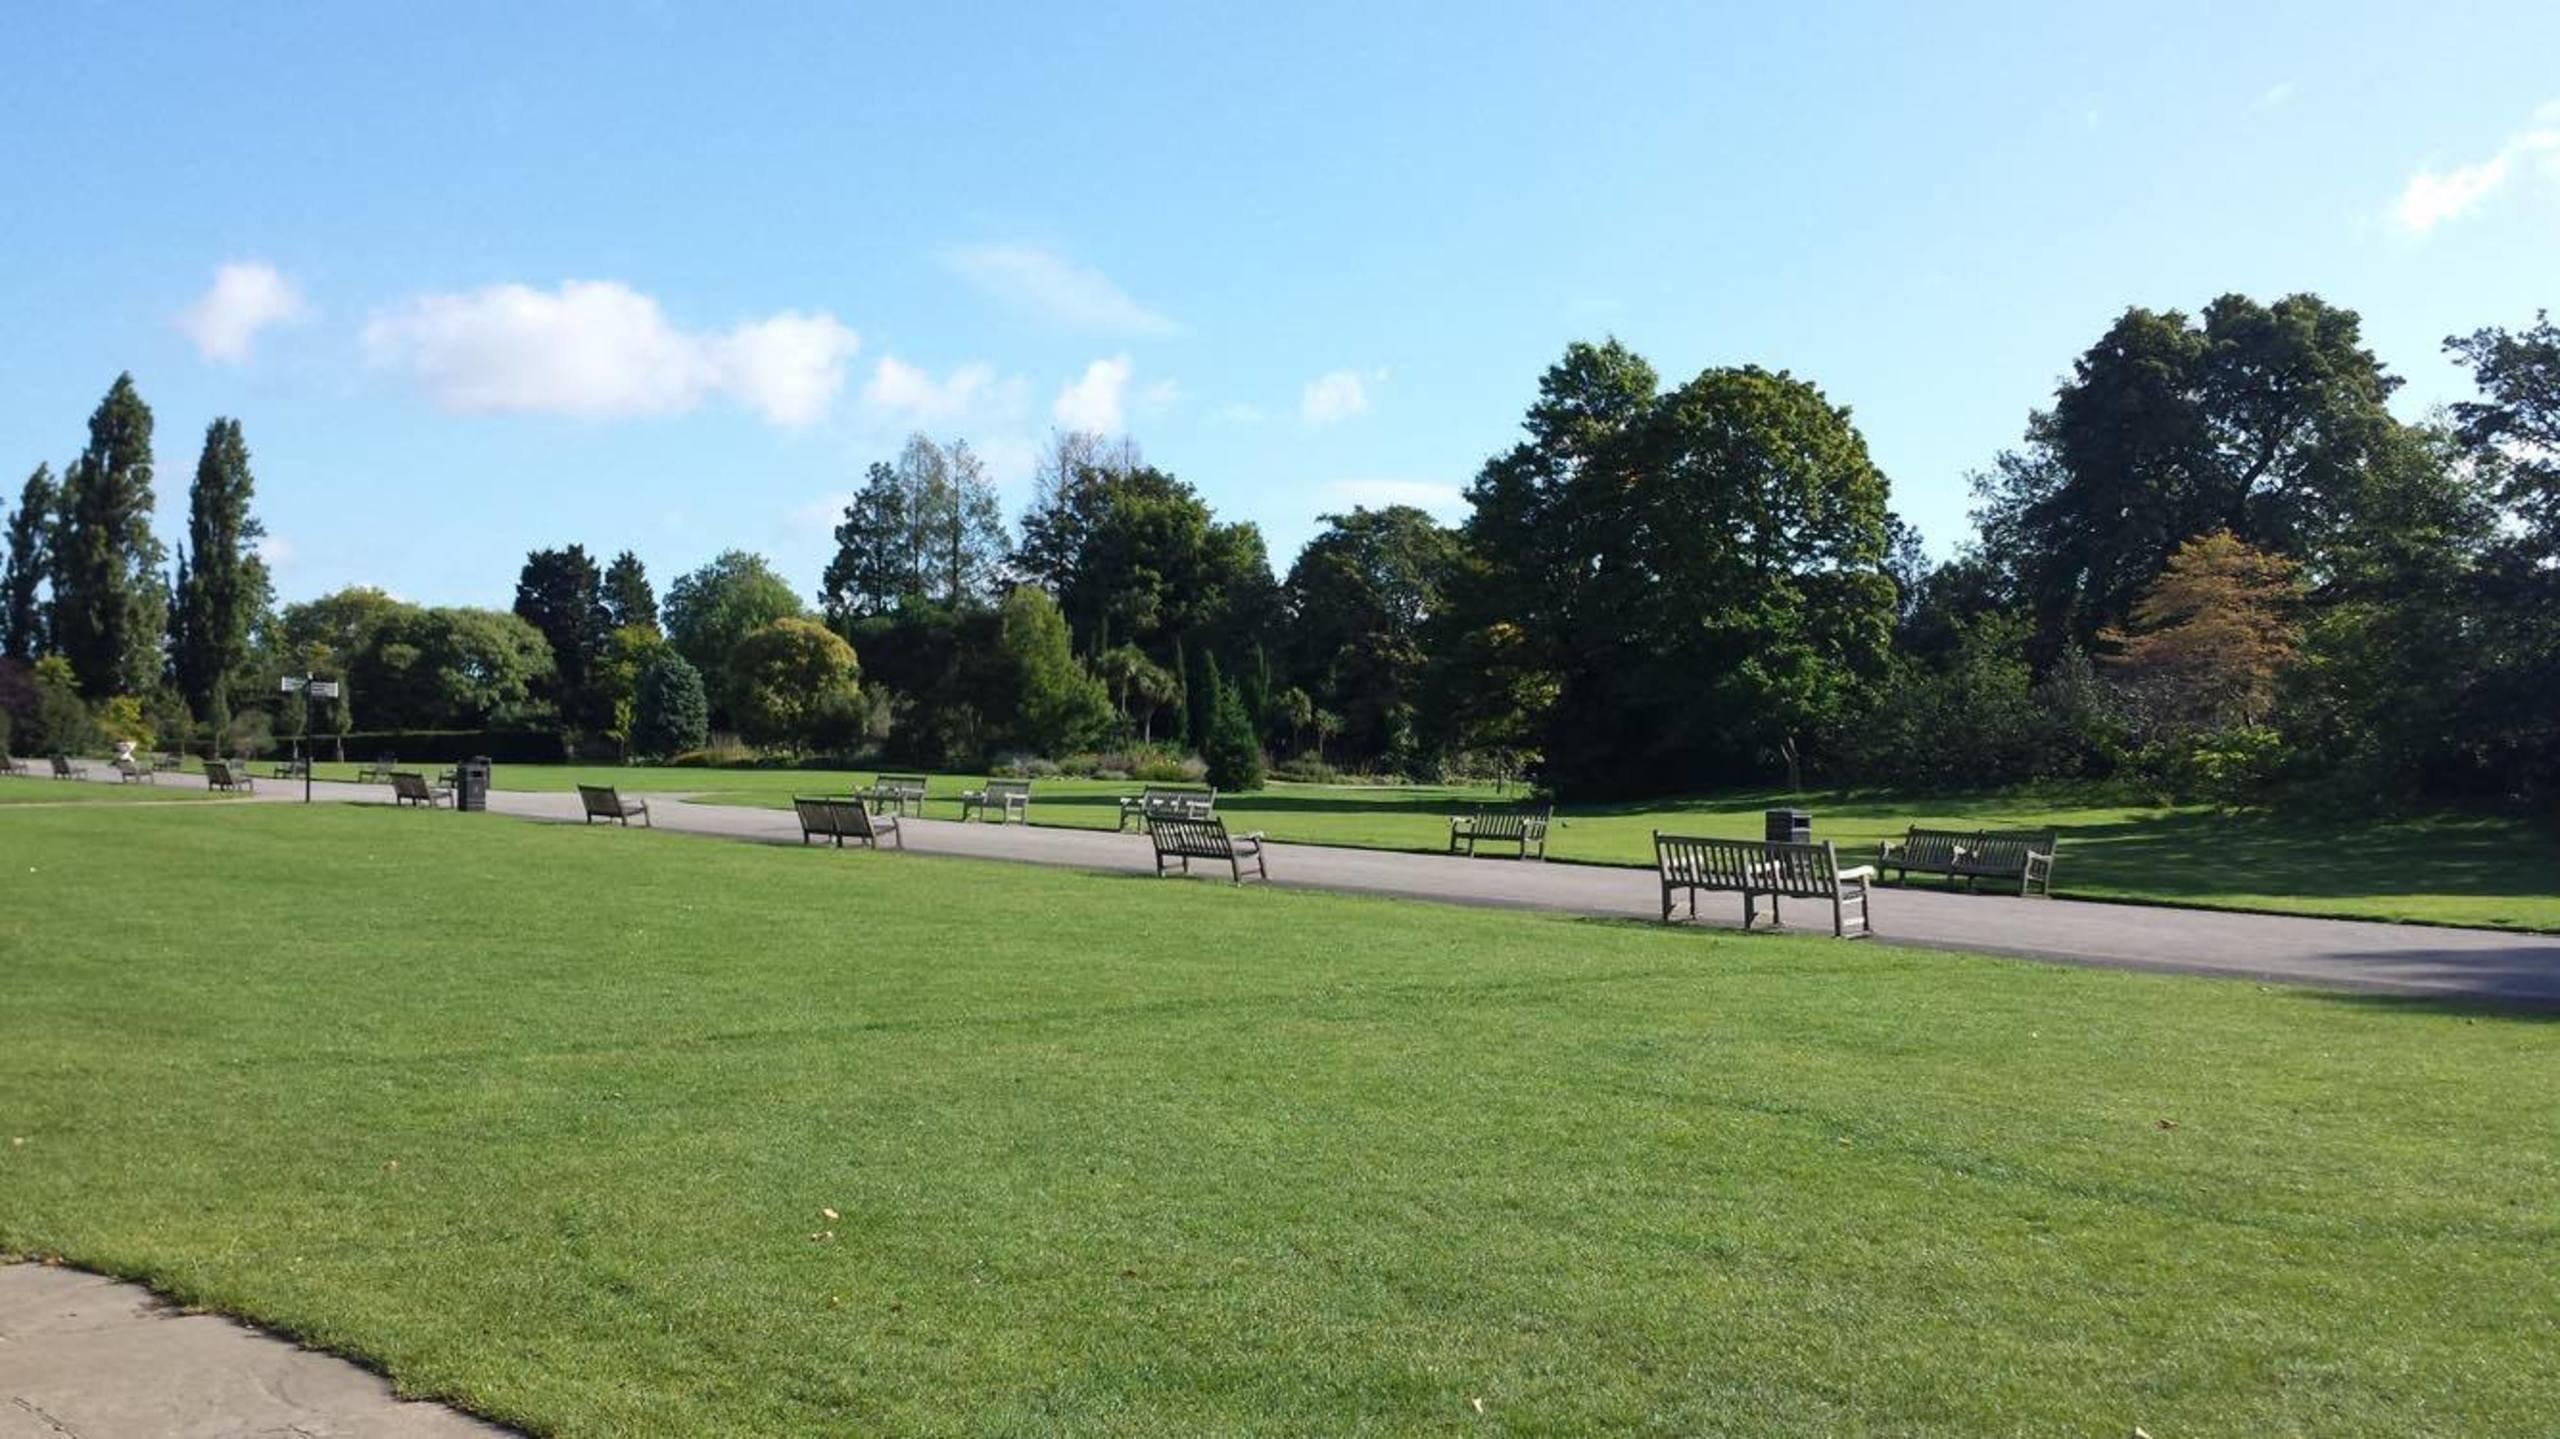 ロンドンの中心地からほど近い場所にある公園、Regent's Park。筆者の通う学校の裏にある。